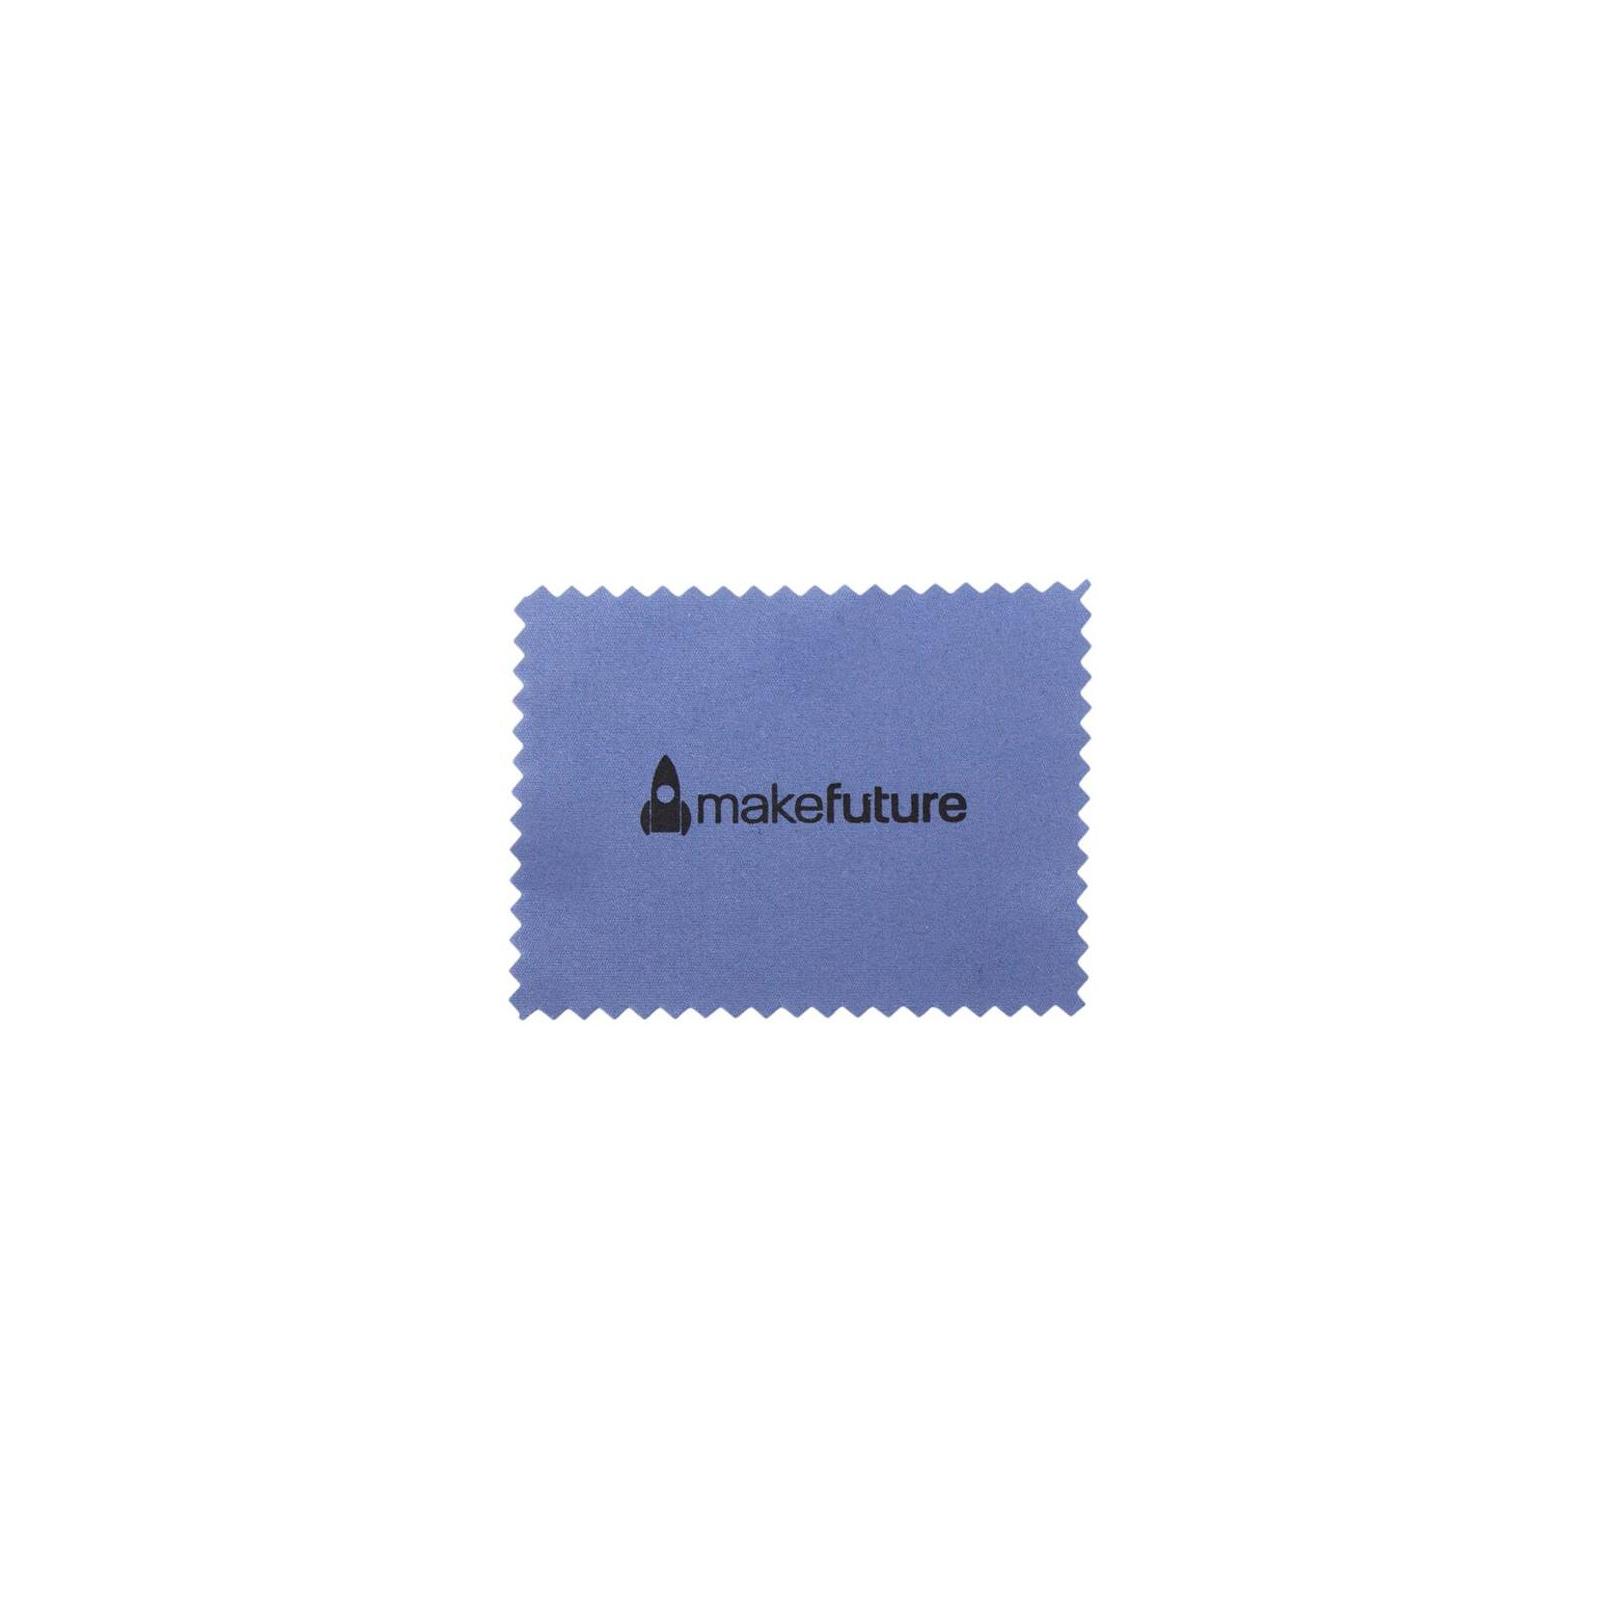 Стекло защитное MakeFuture для Huawei Mate 10 Lite Black Full Cover (MGFC-HUM10LB) изображение 3